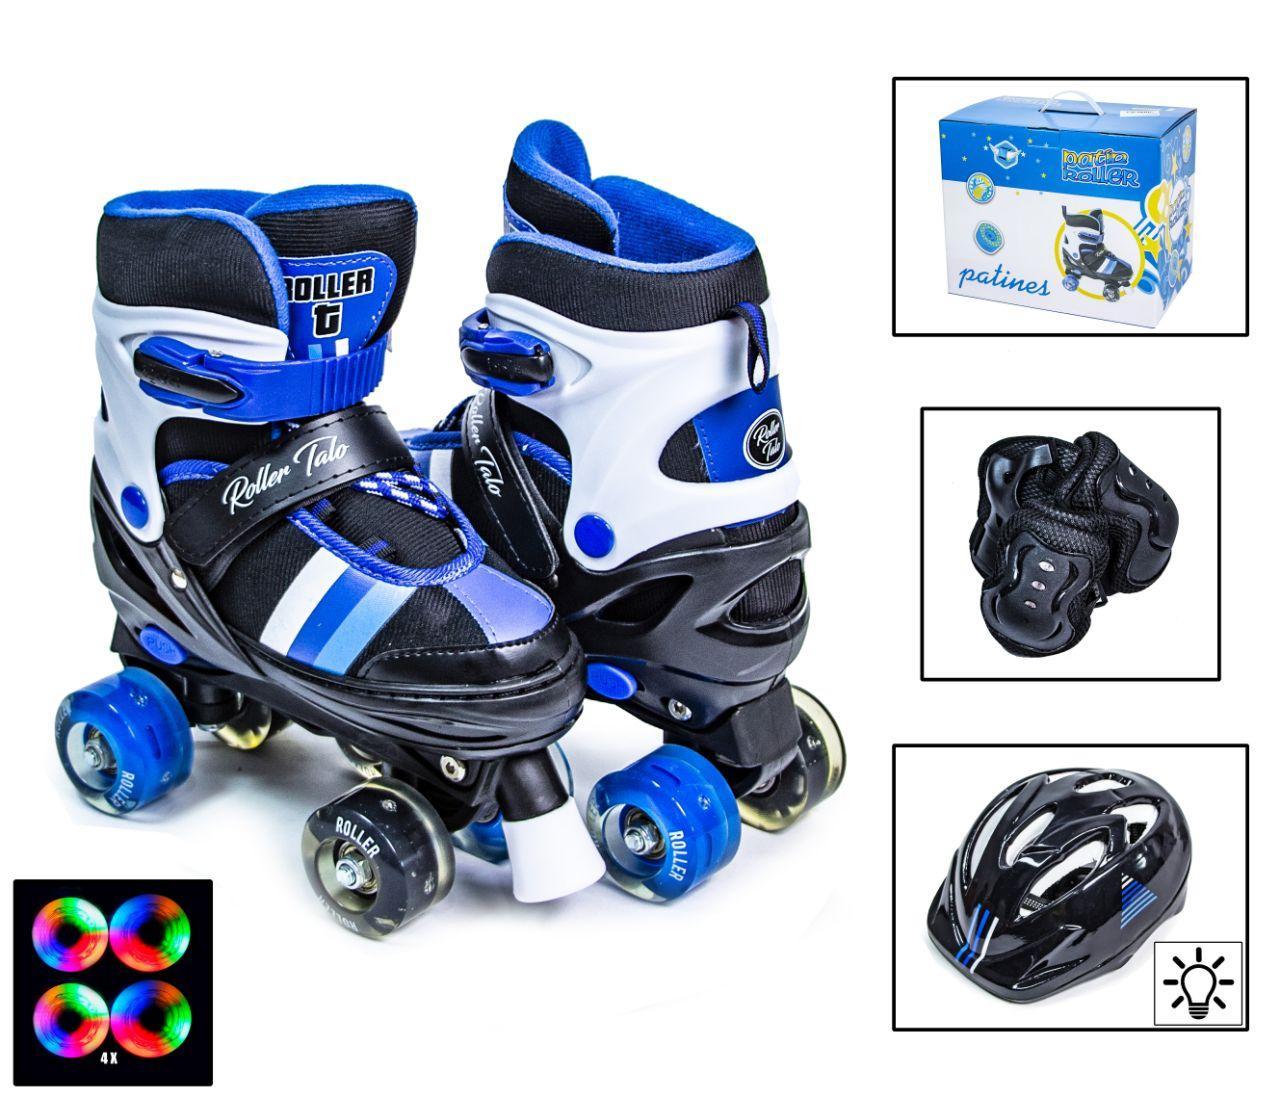 Комплект ролики-квади+захист+шолом. р. 34-38. Чорно-сині. Світяться колеса і шолом!